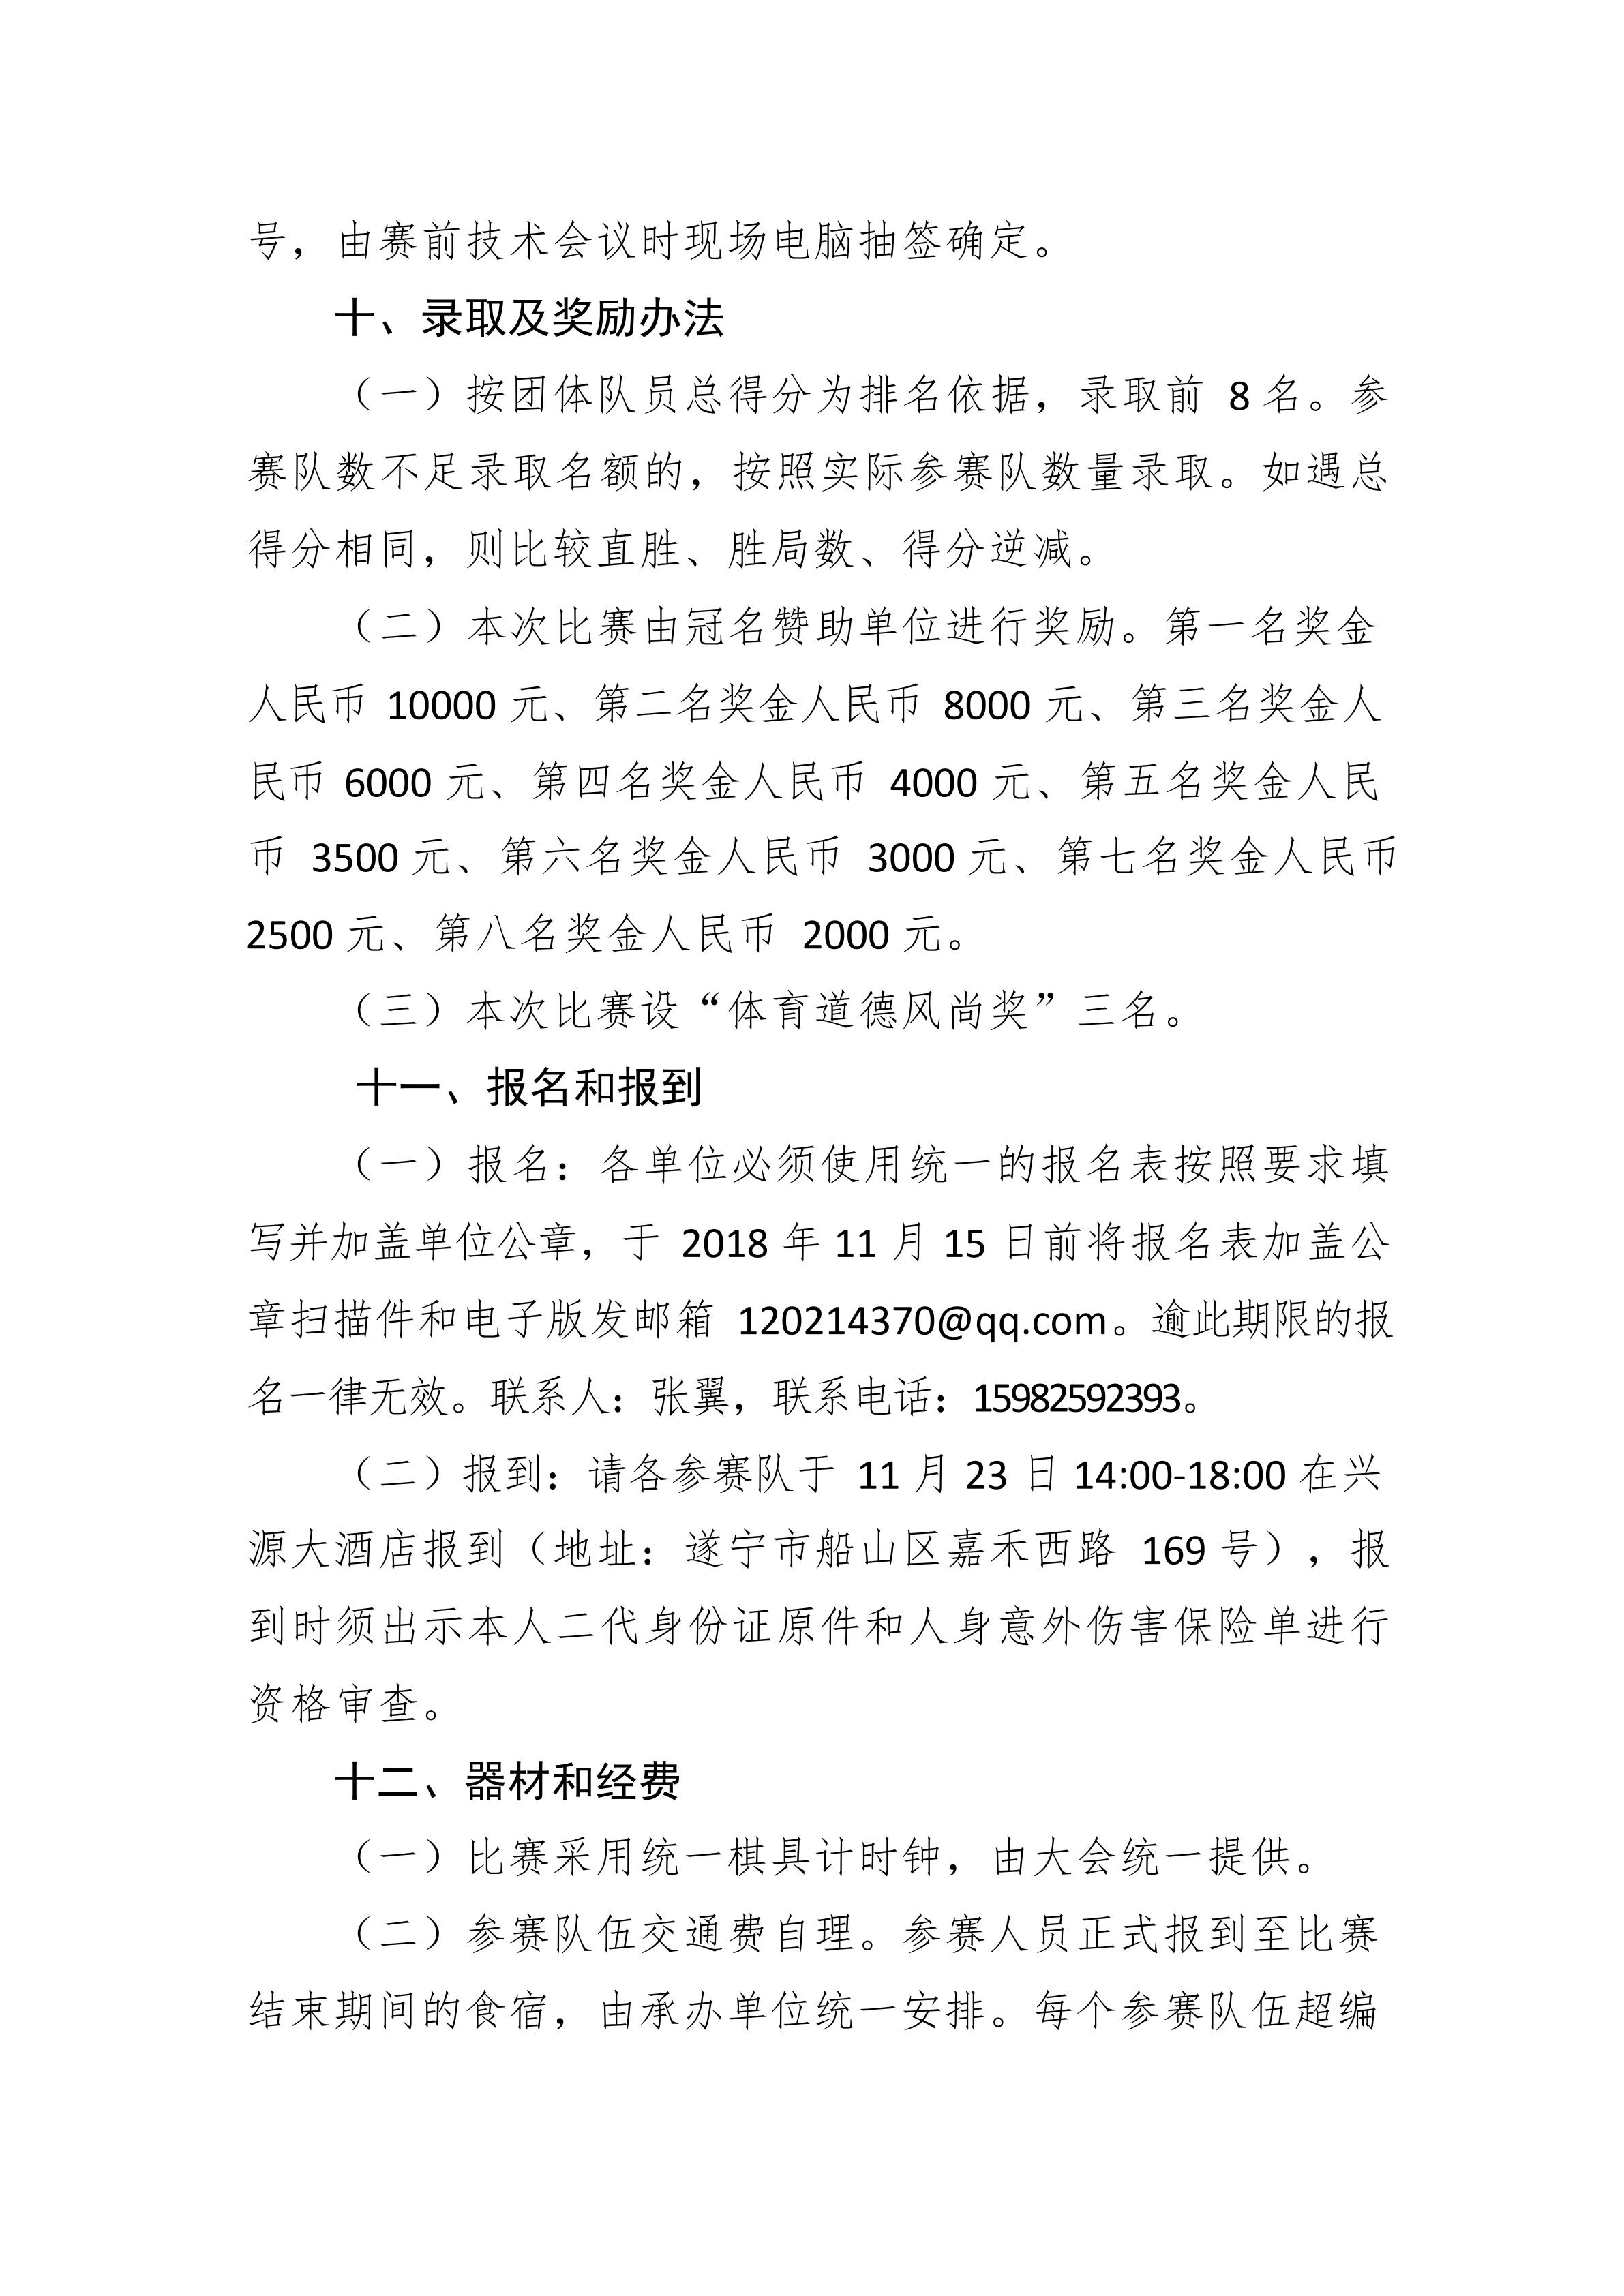 """关于举办2018年四川省""""十一科技杯""""围棋业余联赛的通知_03.png"""